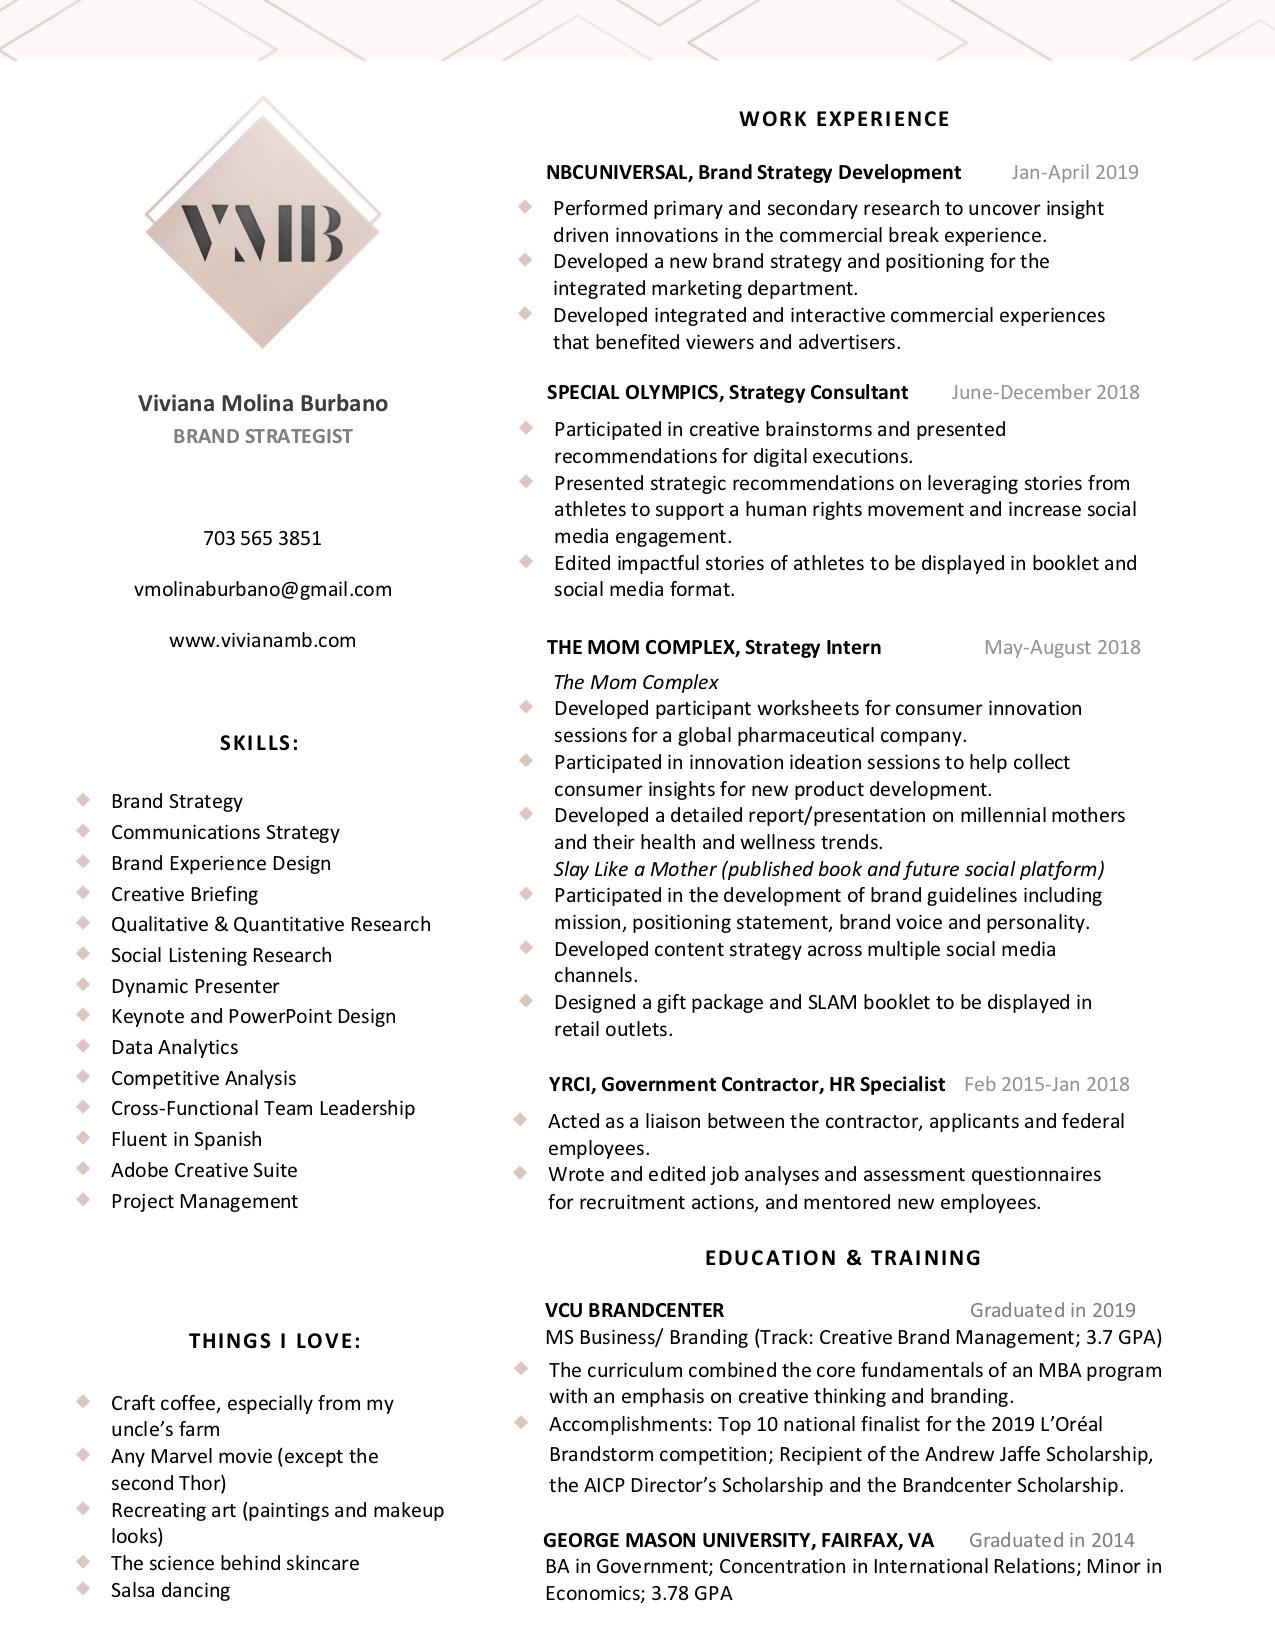 Résumé Viviana Molina Burbano.jpg